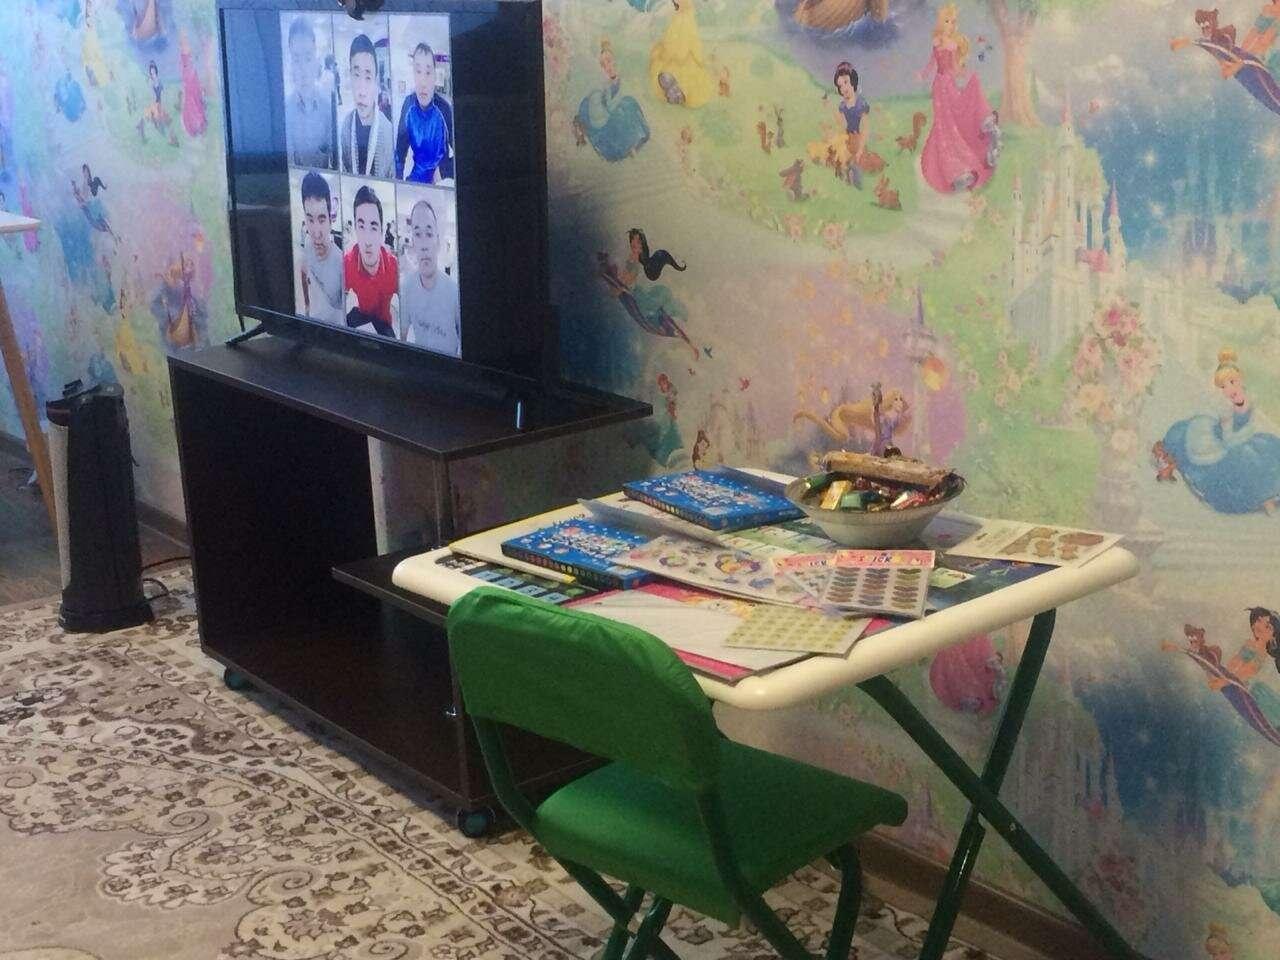 В Алматы открыли первый кабинет для допроса детей